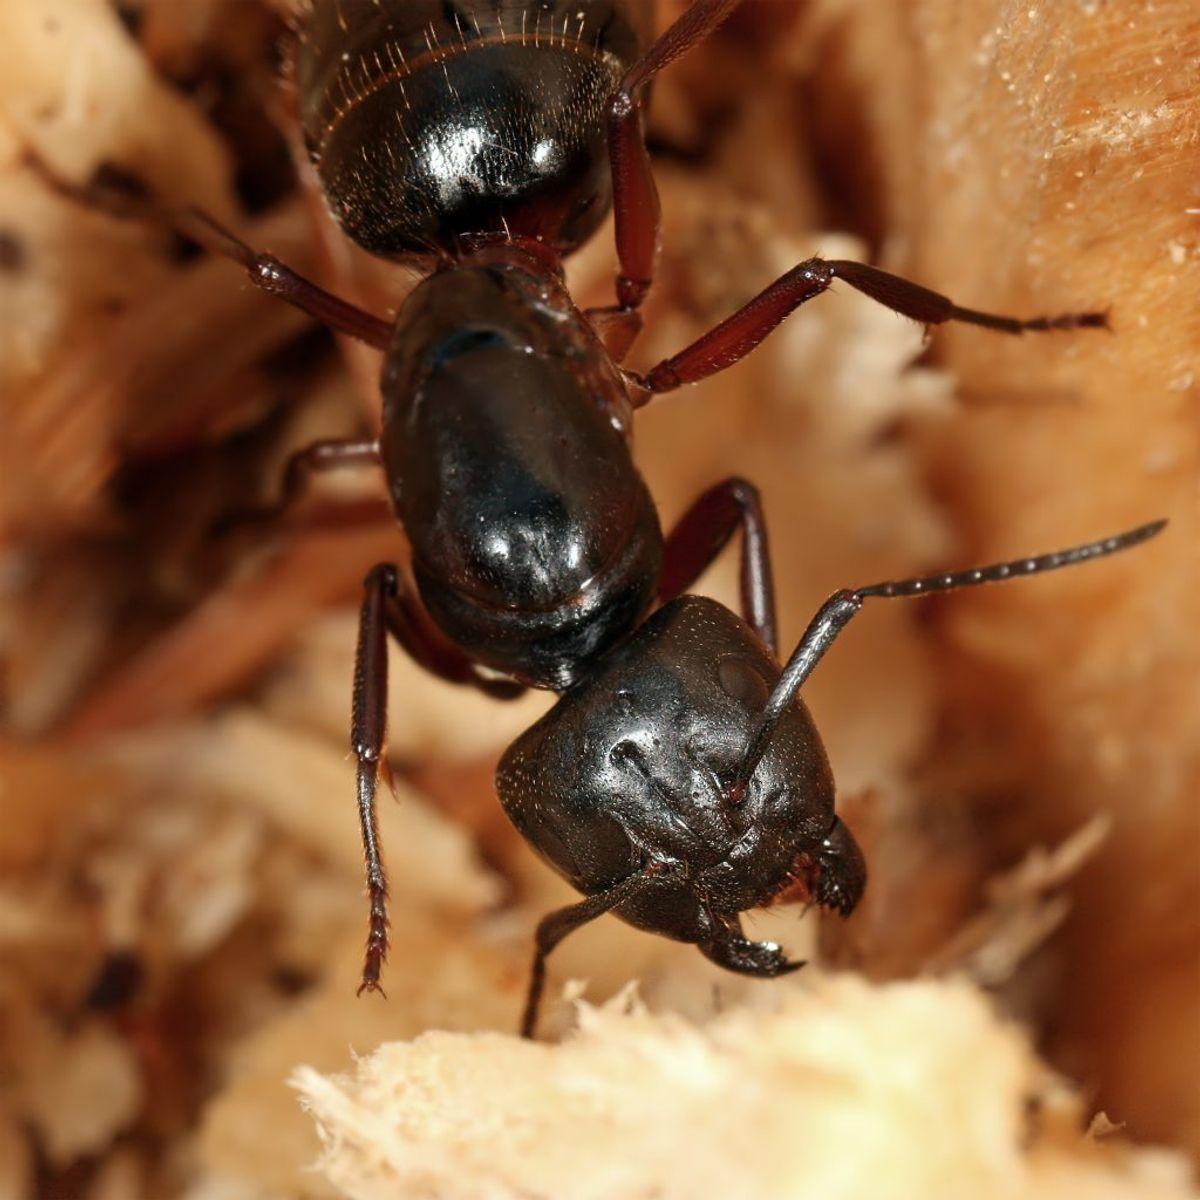 Lever i træ, helst nåletræ. Indendøre oftest i træ, eksempelvis under gulvet. Er mest aktive om natten. Det kan derfor være svært at optage, at man er invaderet af dem. Herkulesmyren udhuler og ødelægger det træ, den bygger rede i. Det er derfor særdeles vigtigt at bekæmpe denne myreart, hvis man opdager den. Har du mistanke om, at der er Herkulesmyrer i dit hjem, skal du kontakte dit forsikringsselskab for at sikre, at de bliver bekæmpet korrekt. Foto: Richard Bartz, Munich Makro Freak/Wikimedia commons